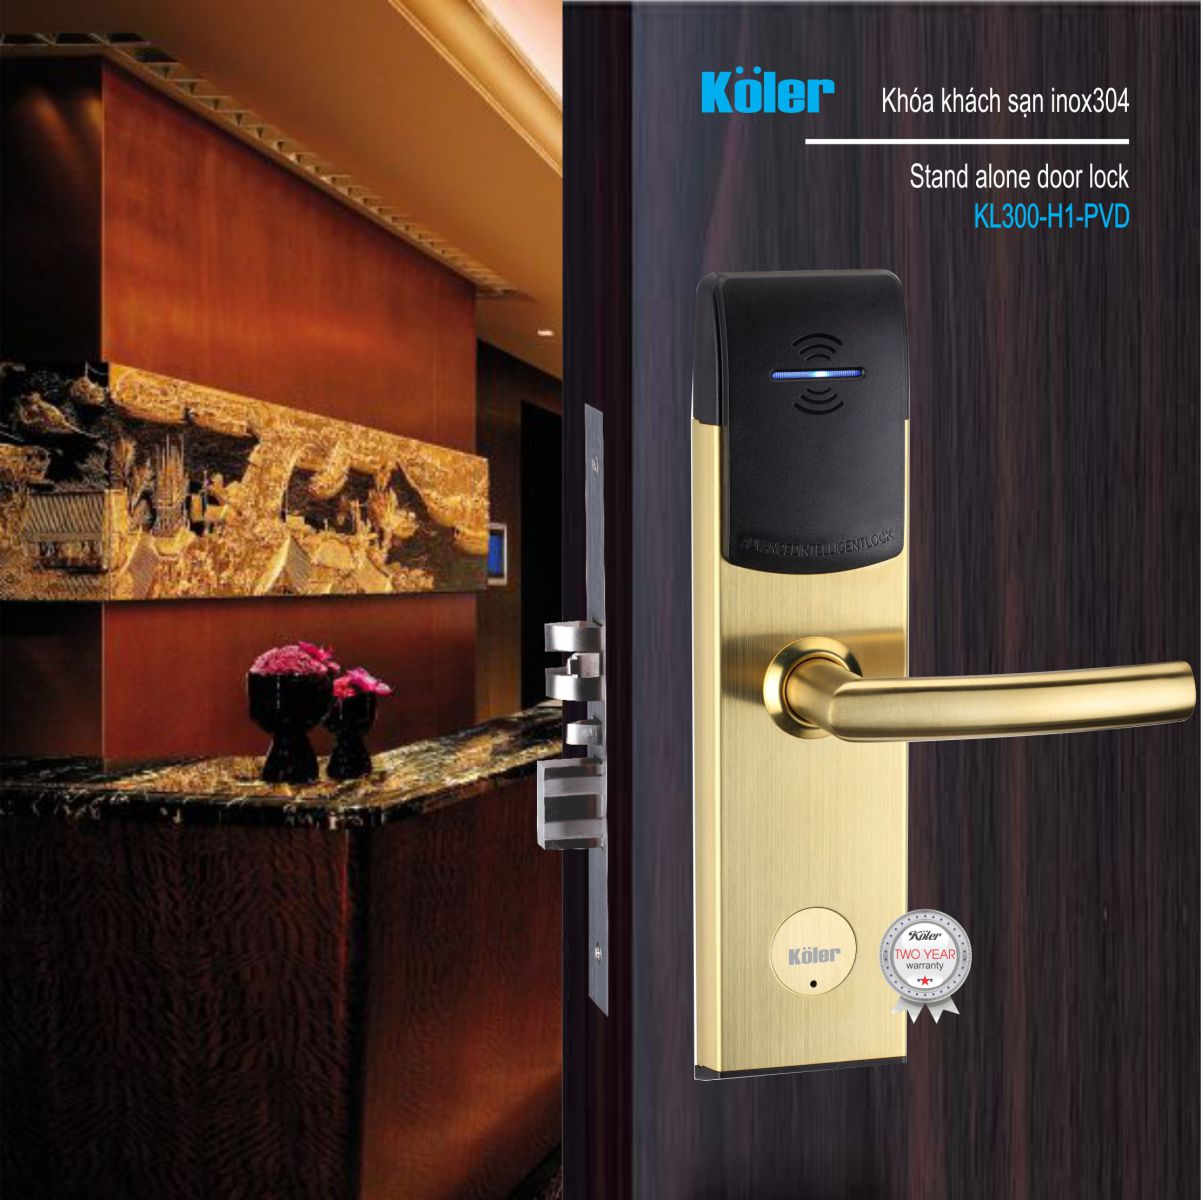 Khóa khách sạn Koler-germany KL300-H1-PVD